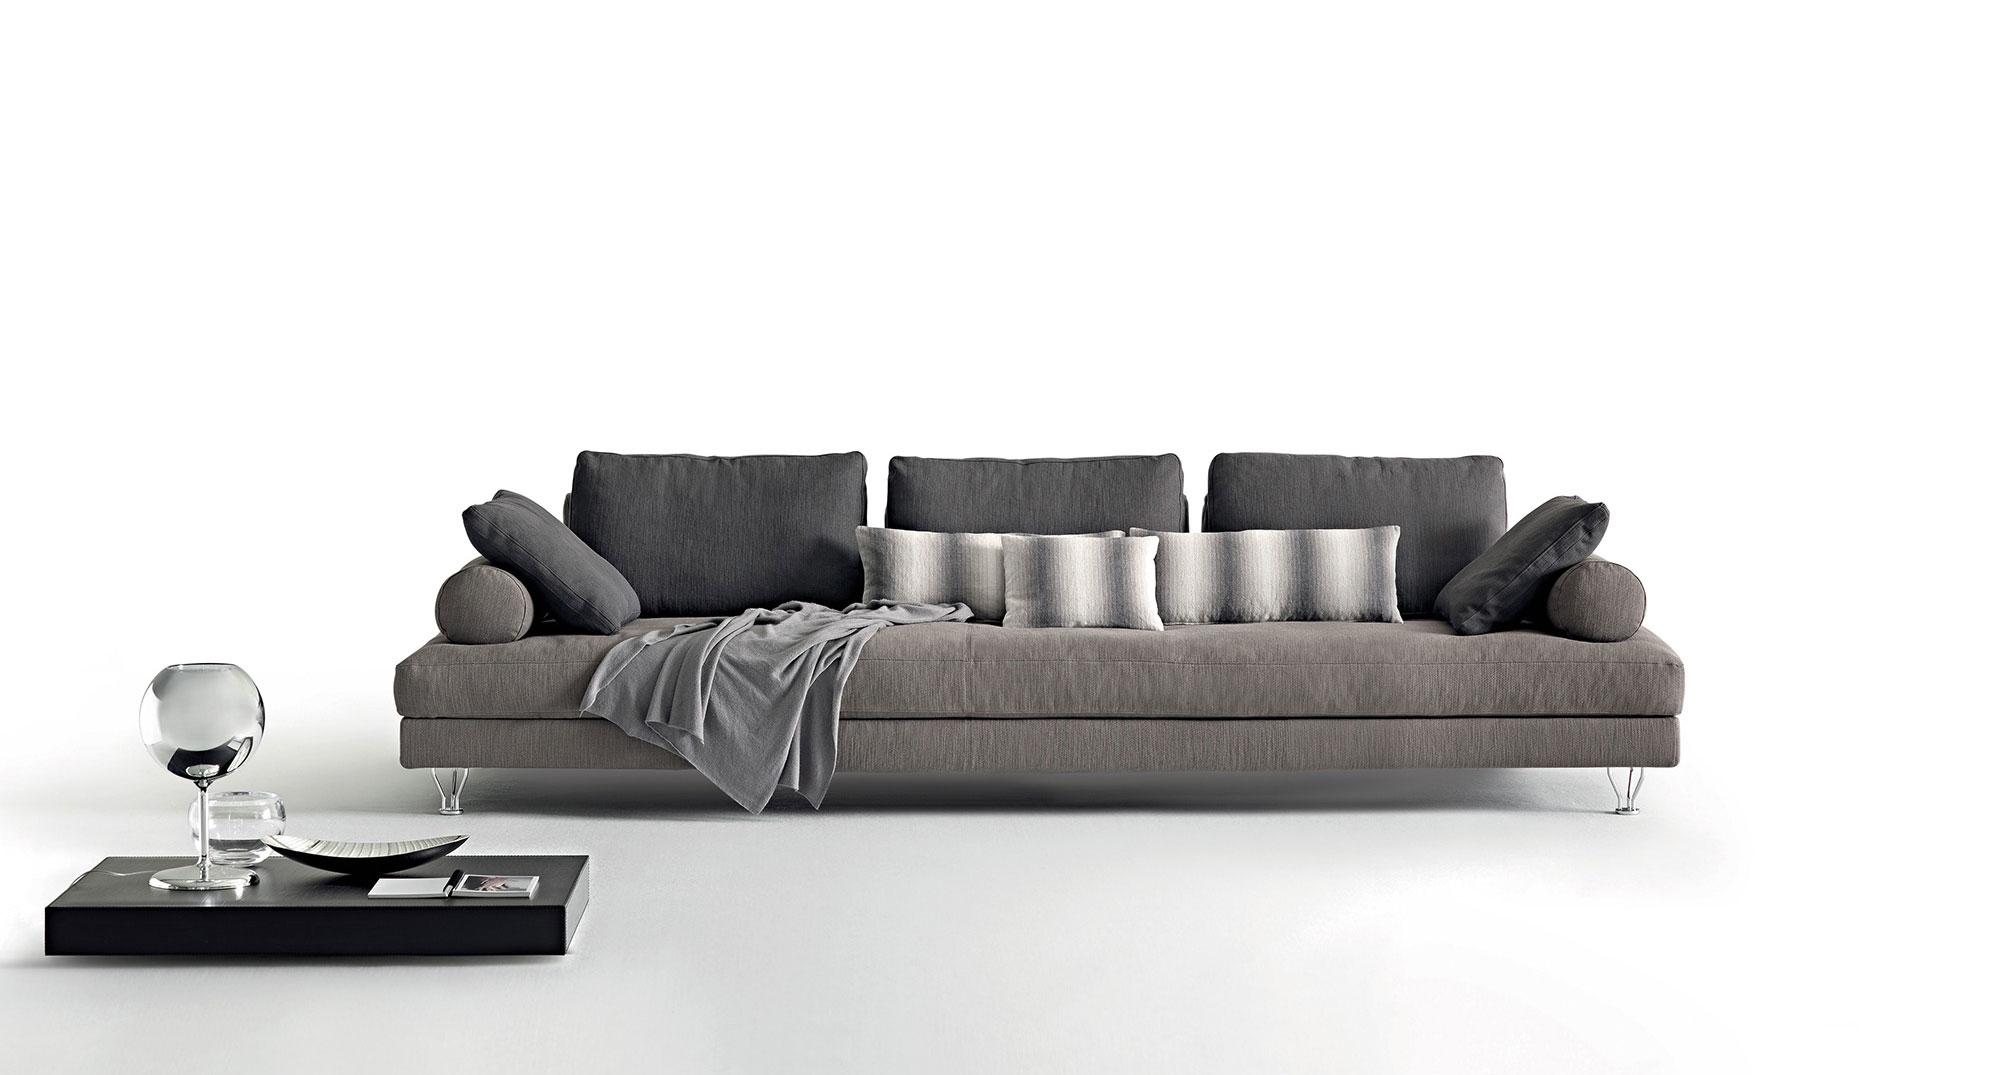 Outlet del divano varedo idee per la casa - Outlet del divano assago ...